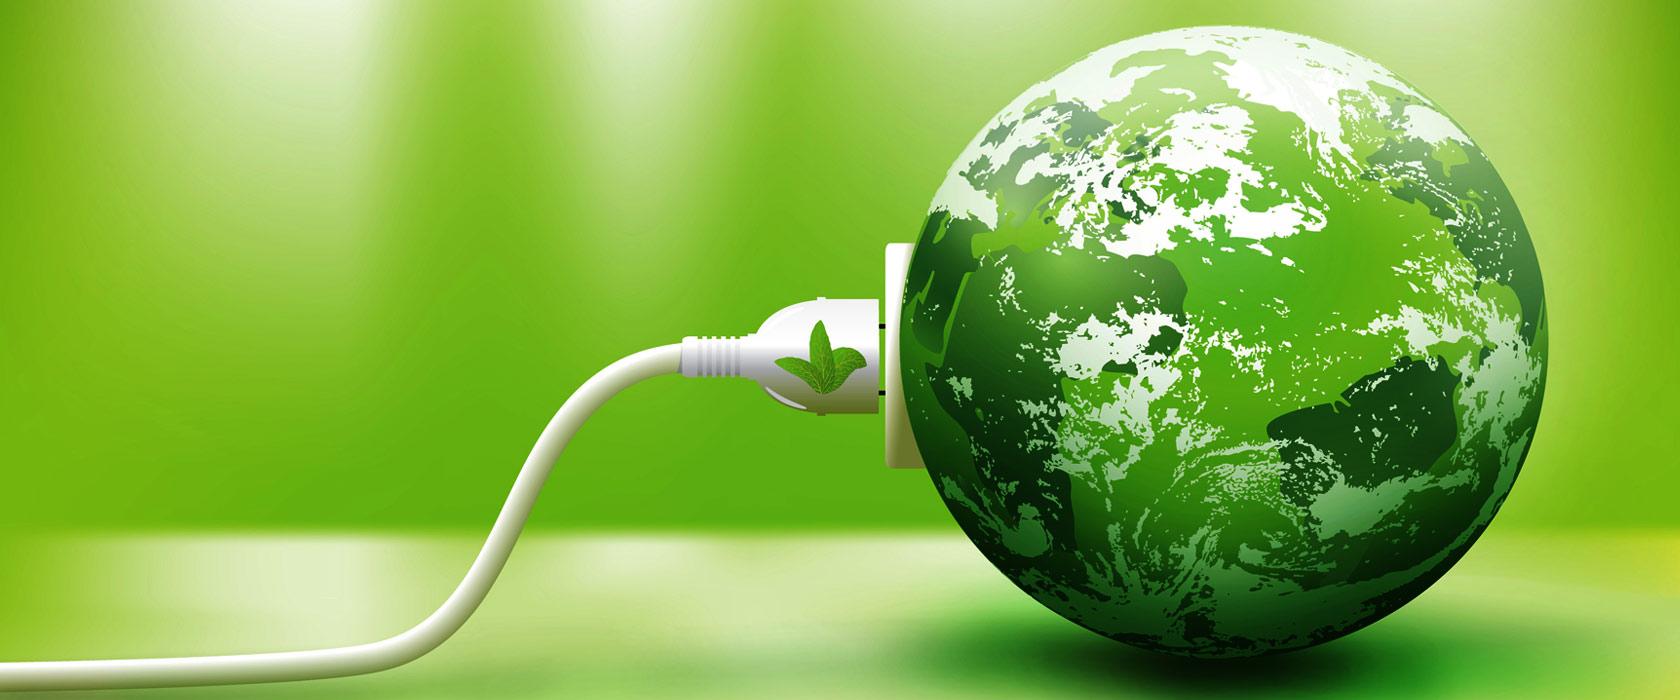 enerji verimliliği